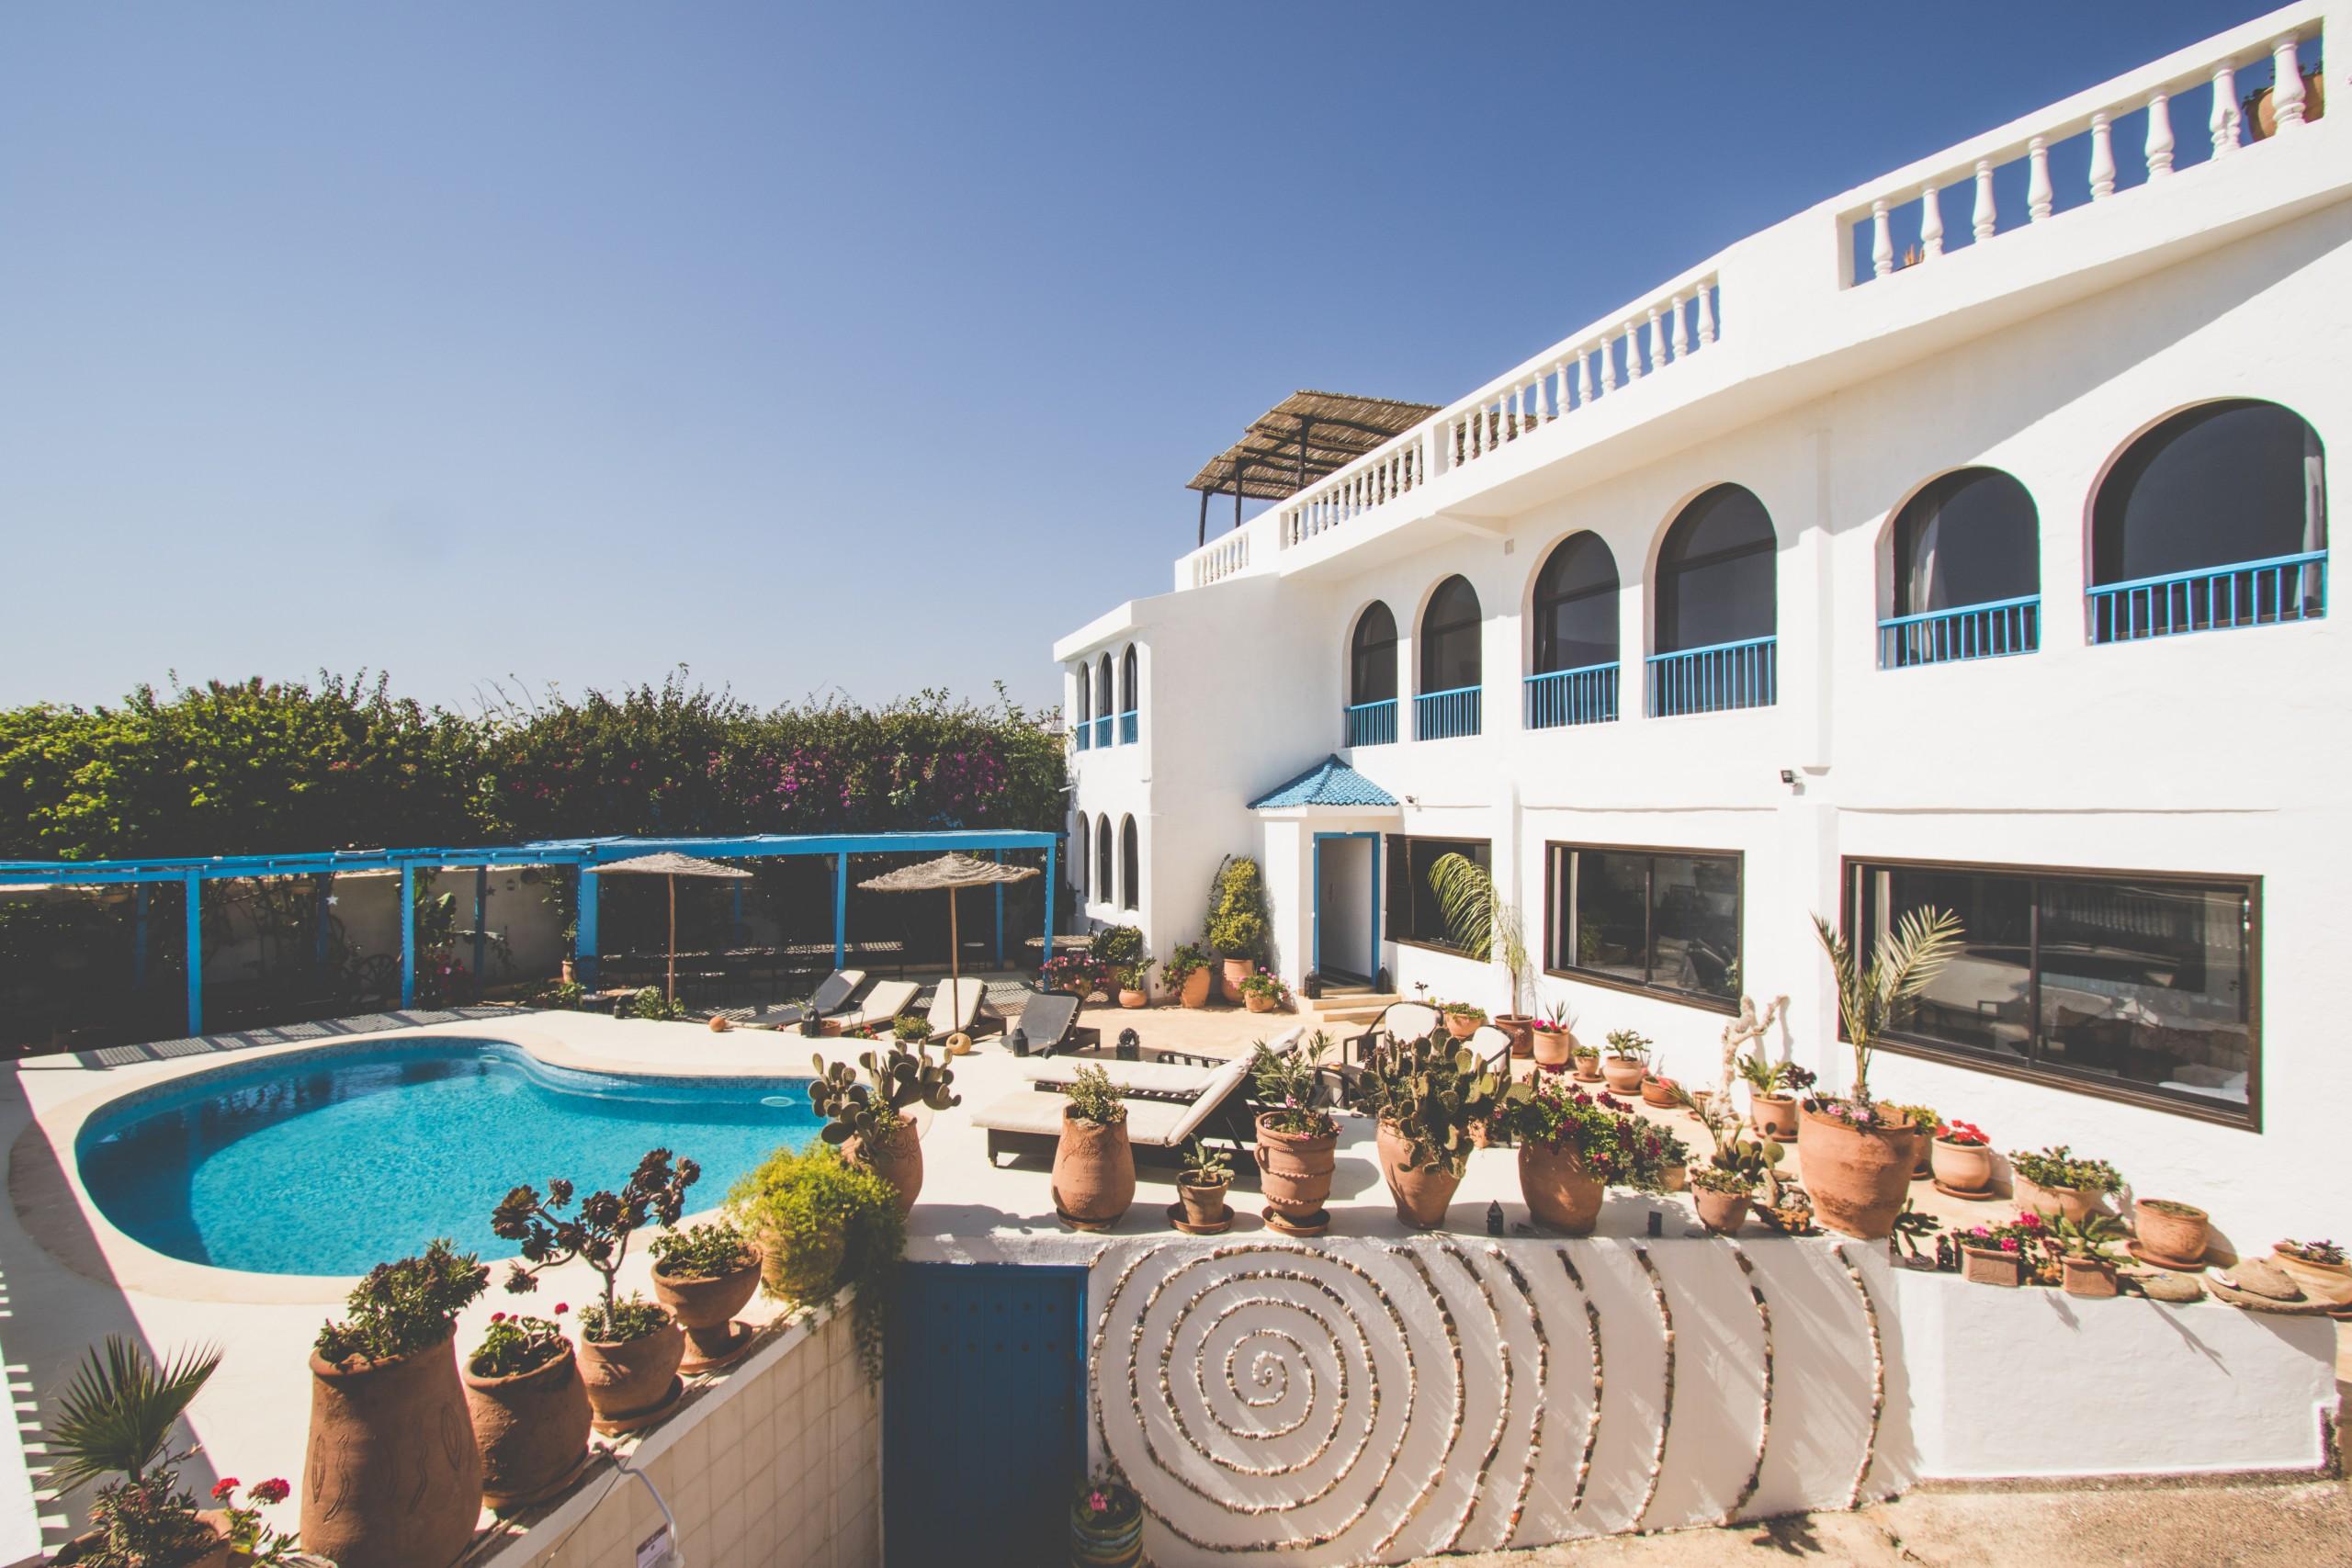 villa mandala - front view